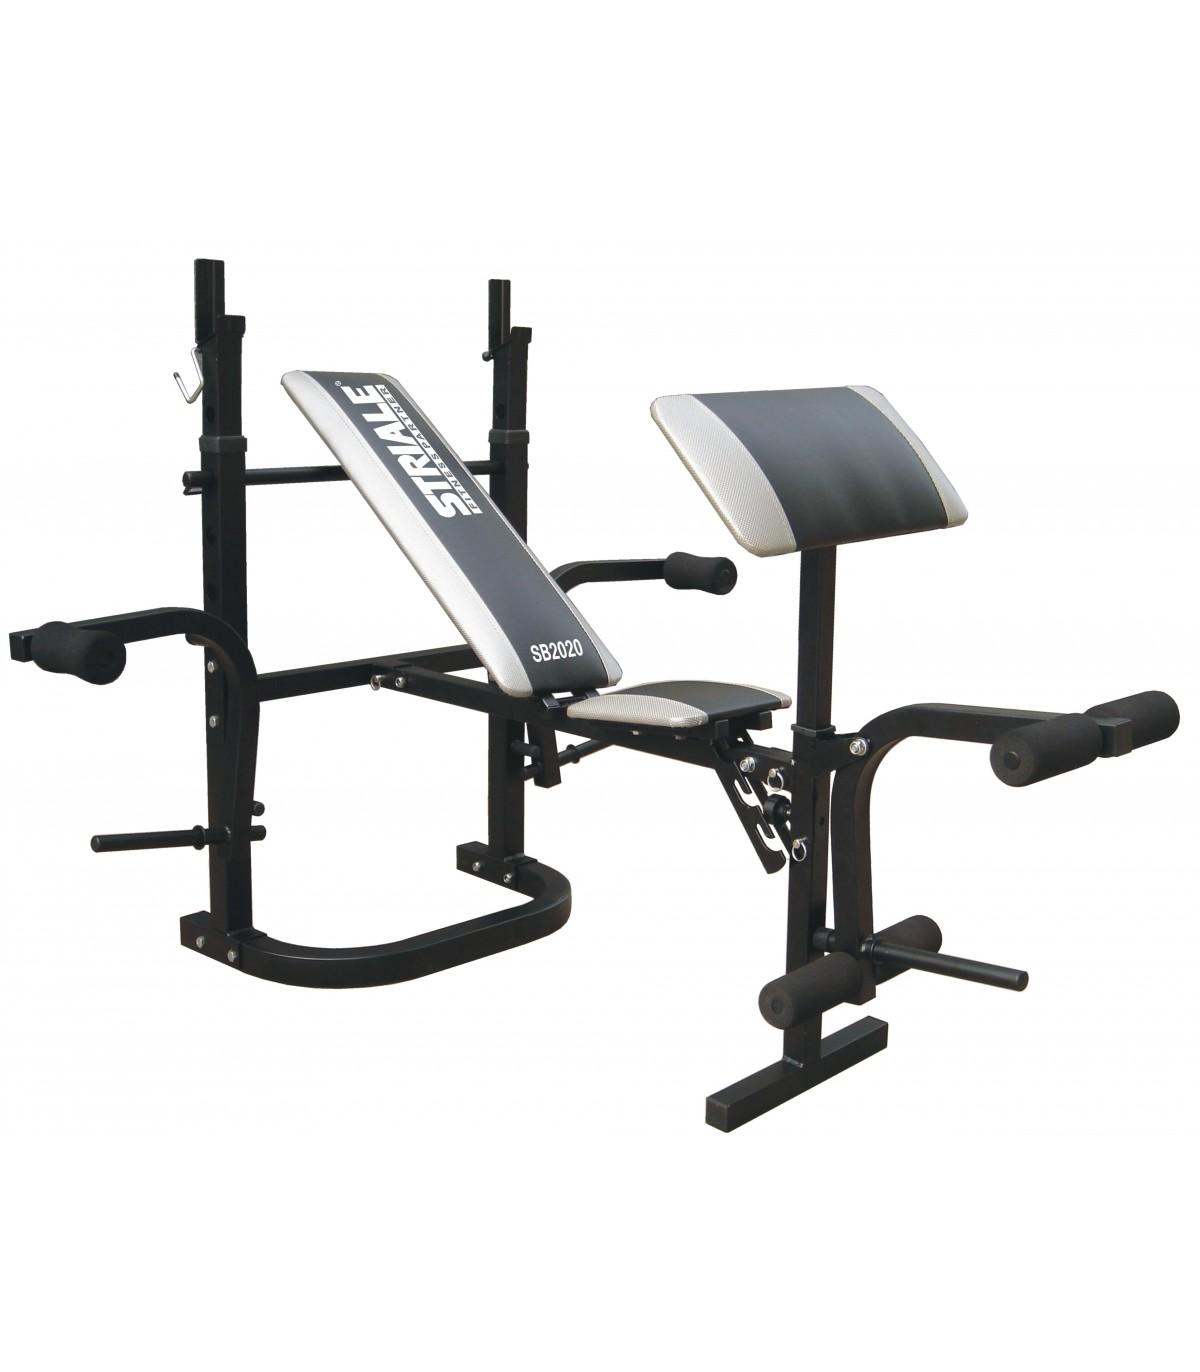 Banc de musculation sb 2020 care fitness - Banc de musculation care ...